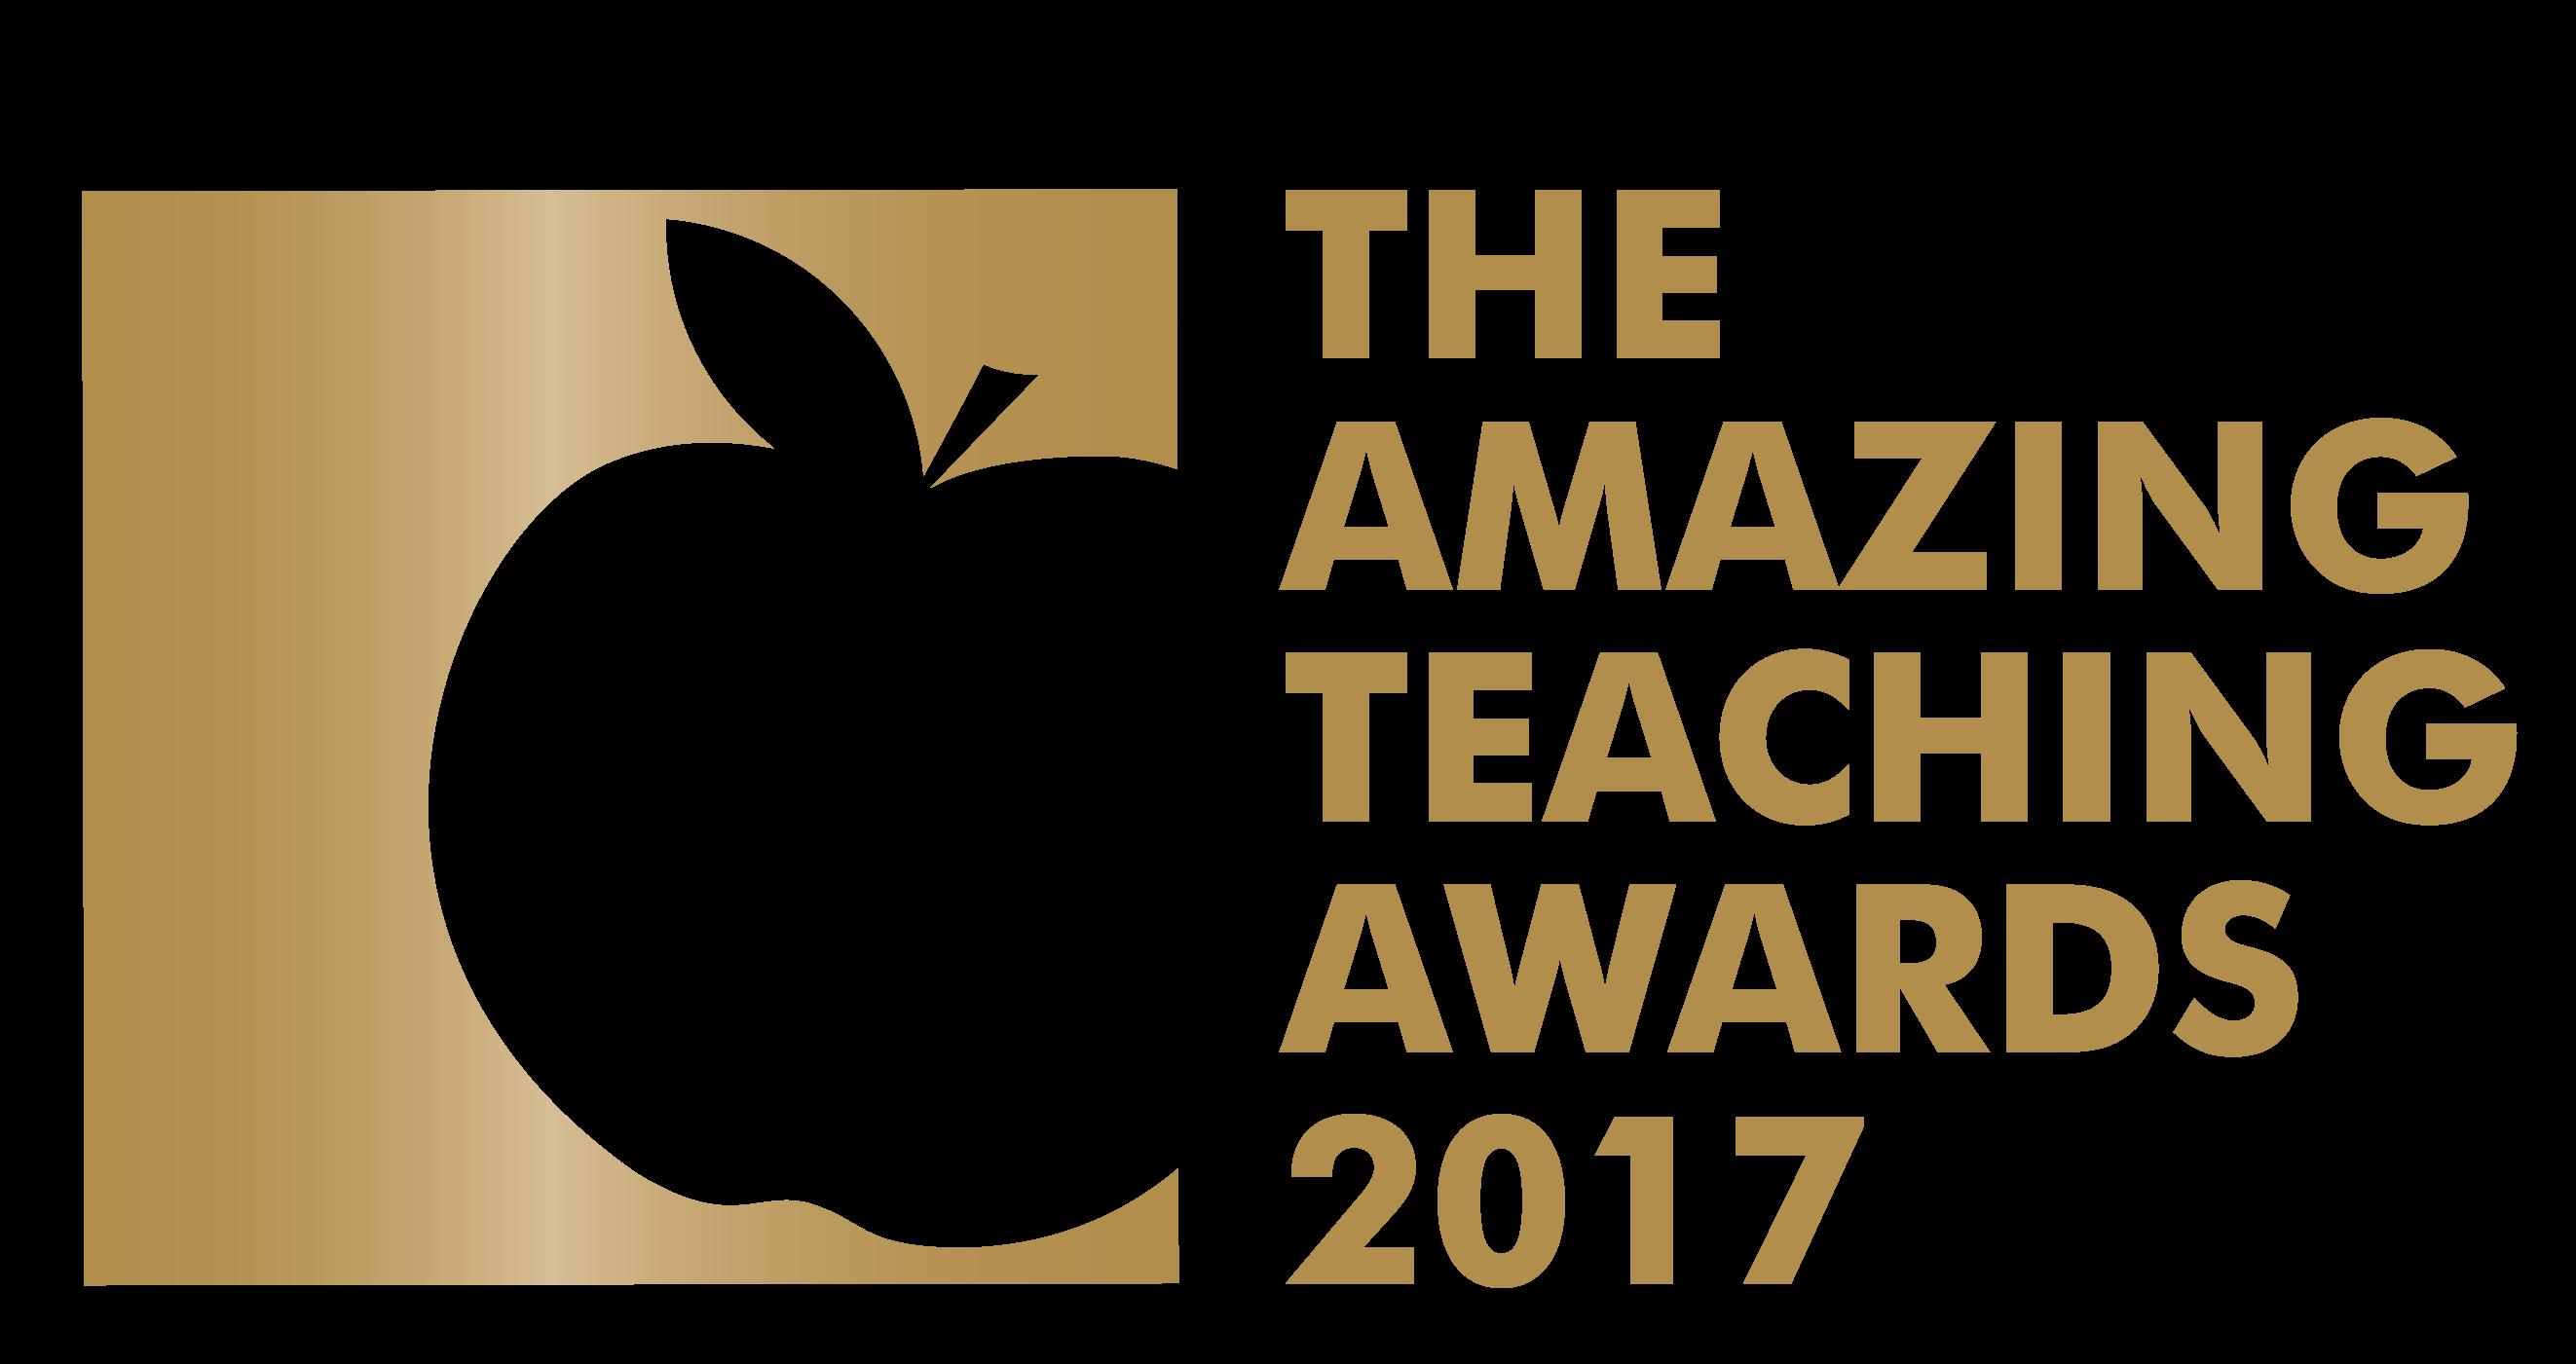 Teach amazing teacher